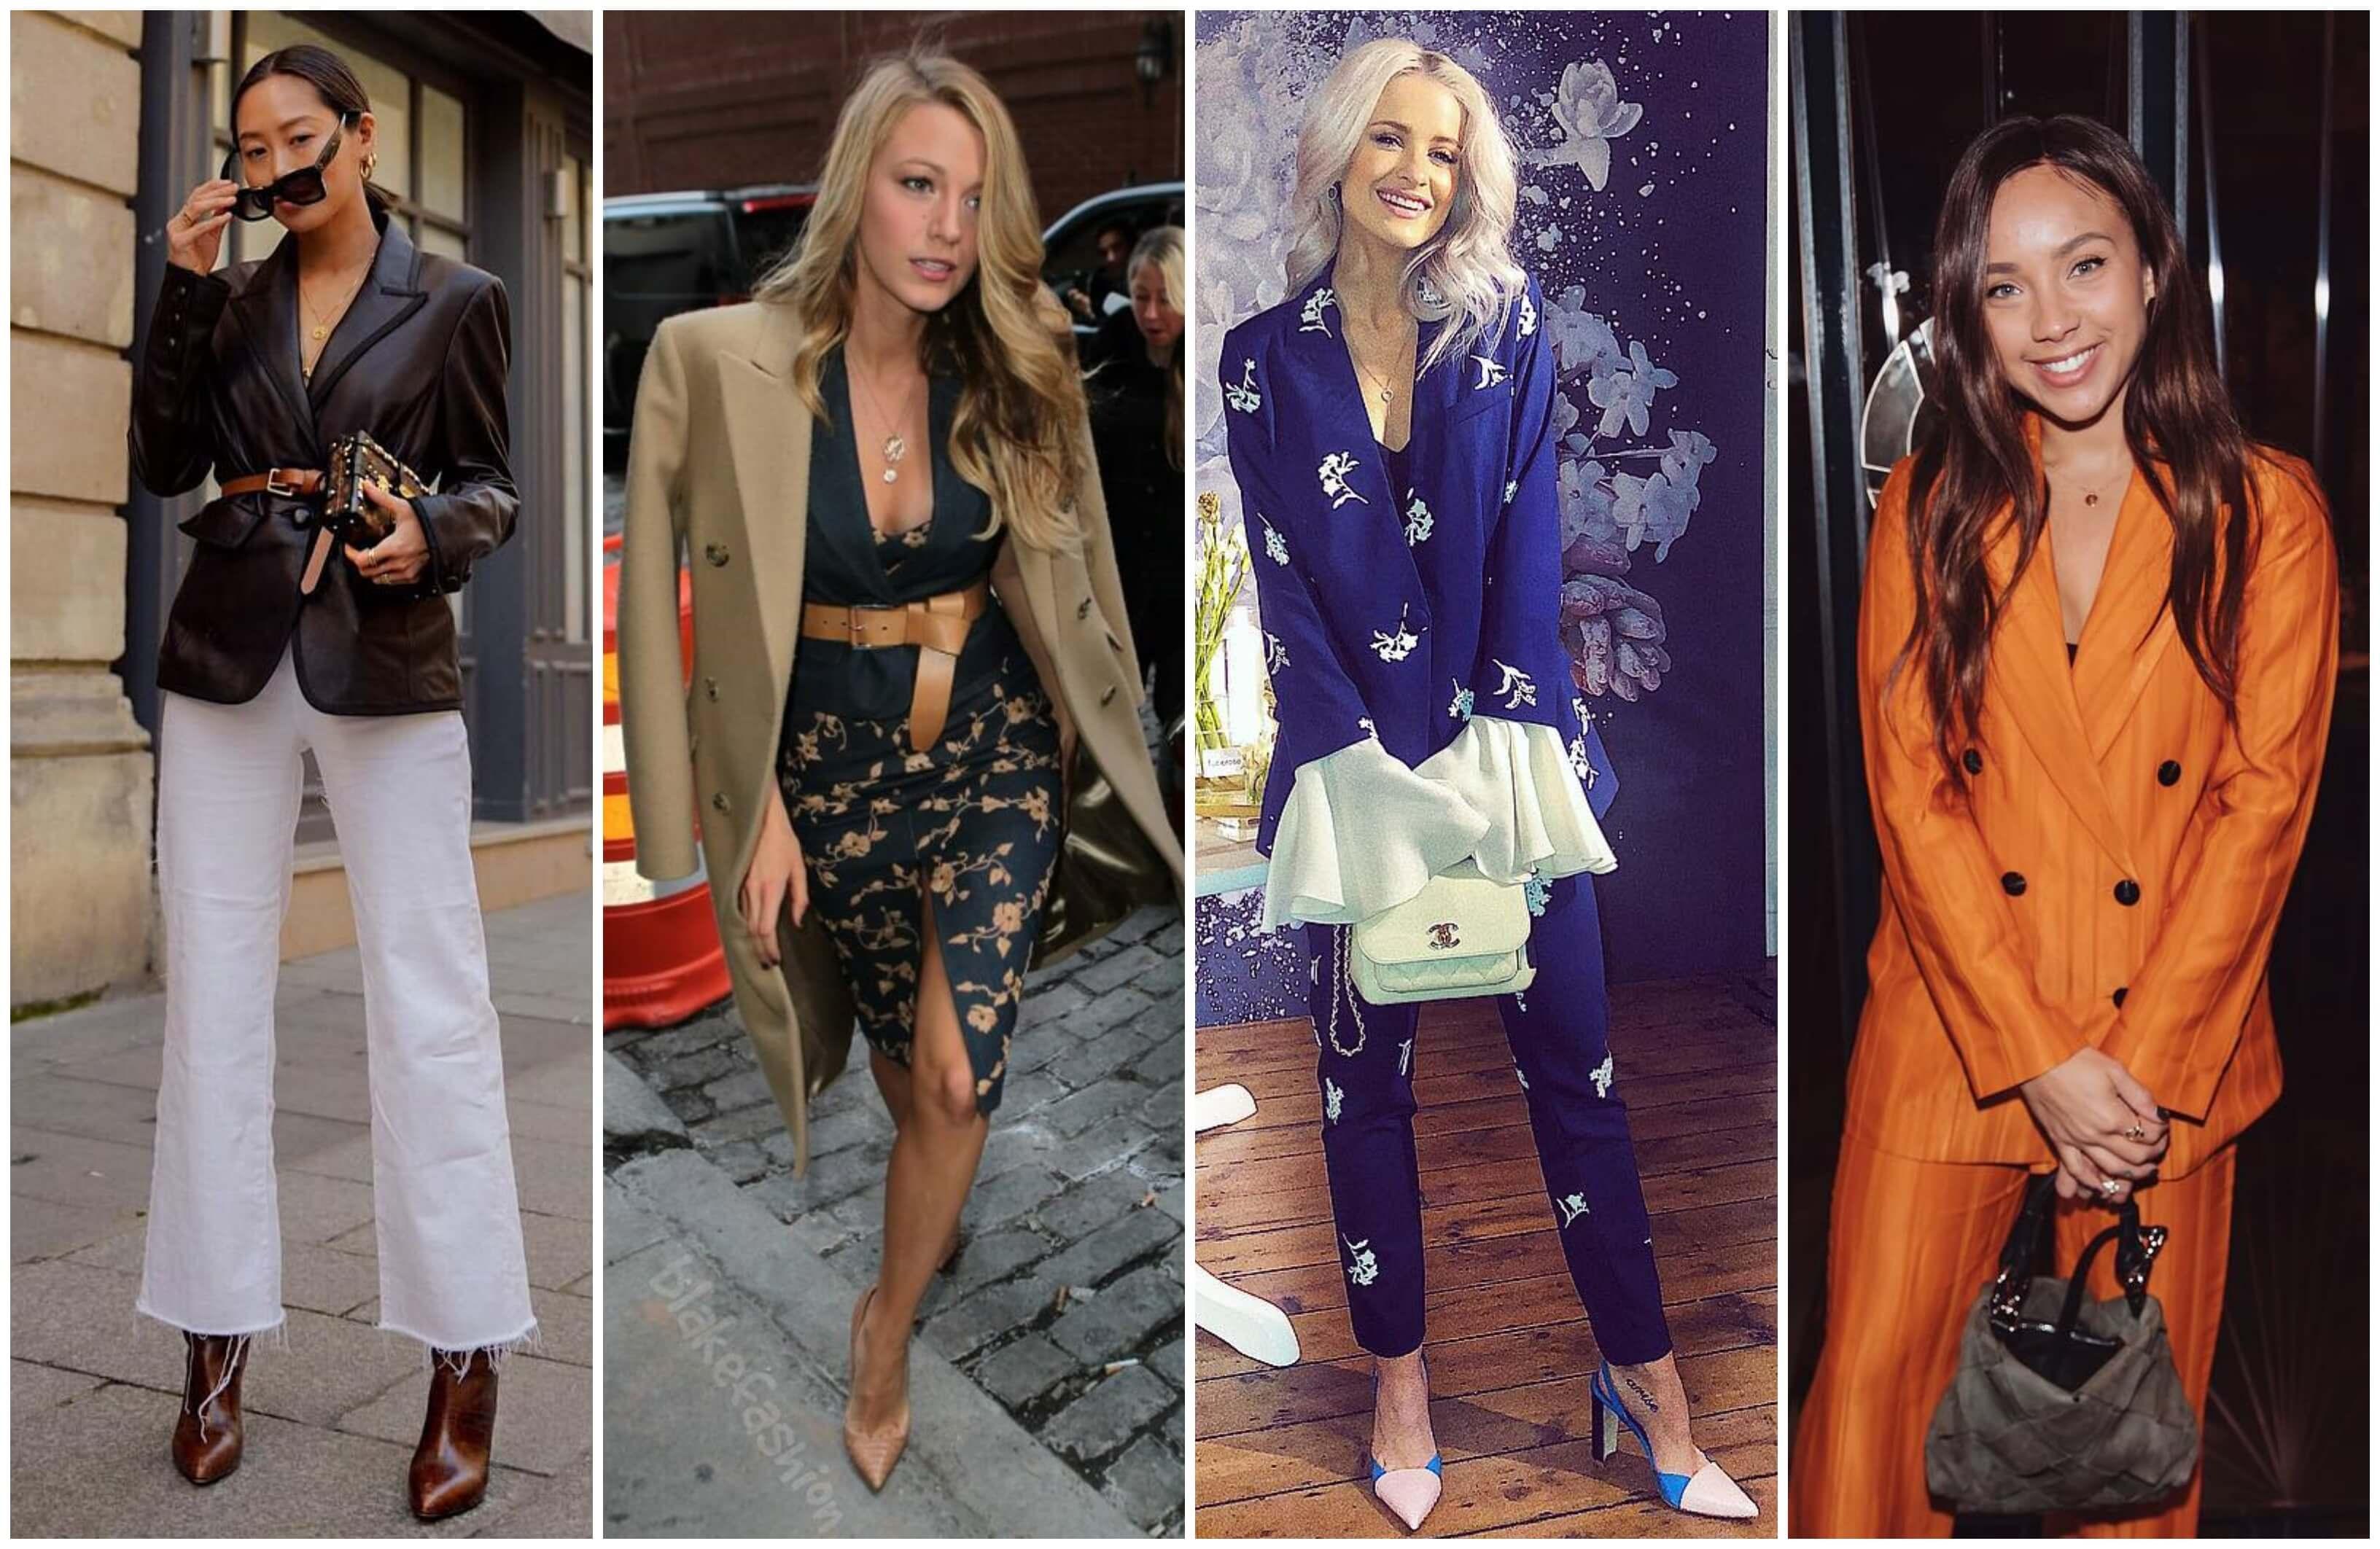 El estilo sofisticado es perfecto para acudir a distintos eventos.